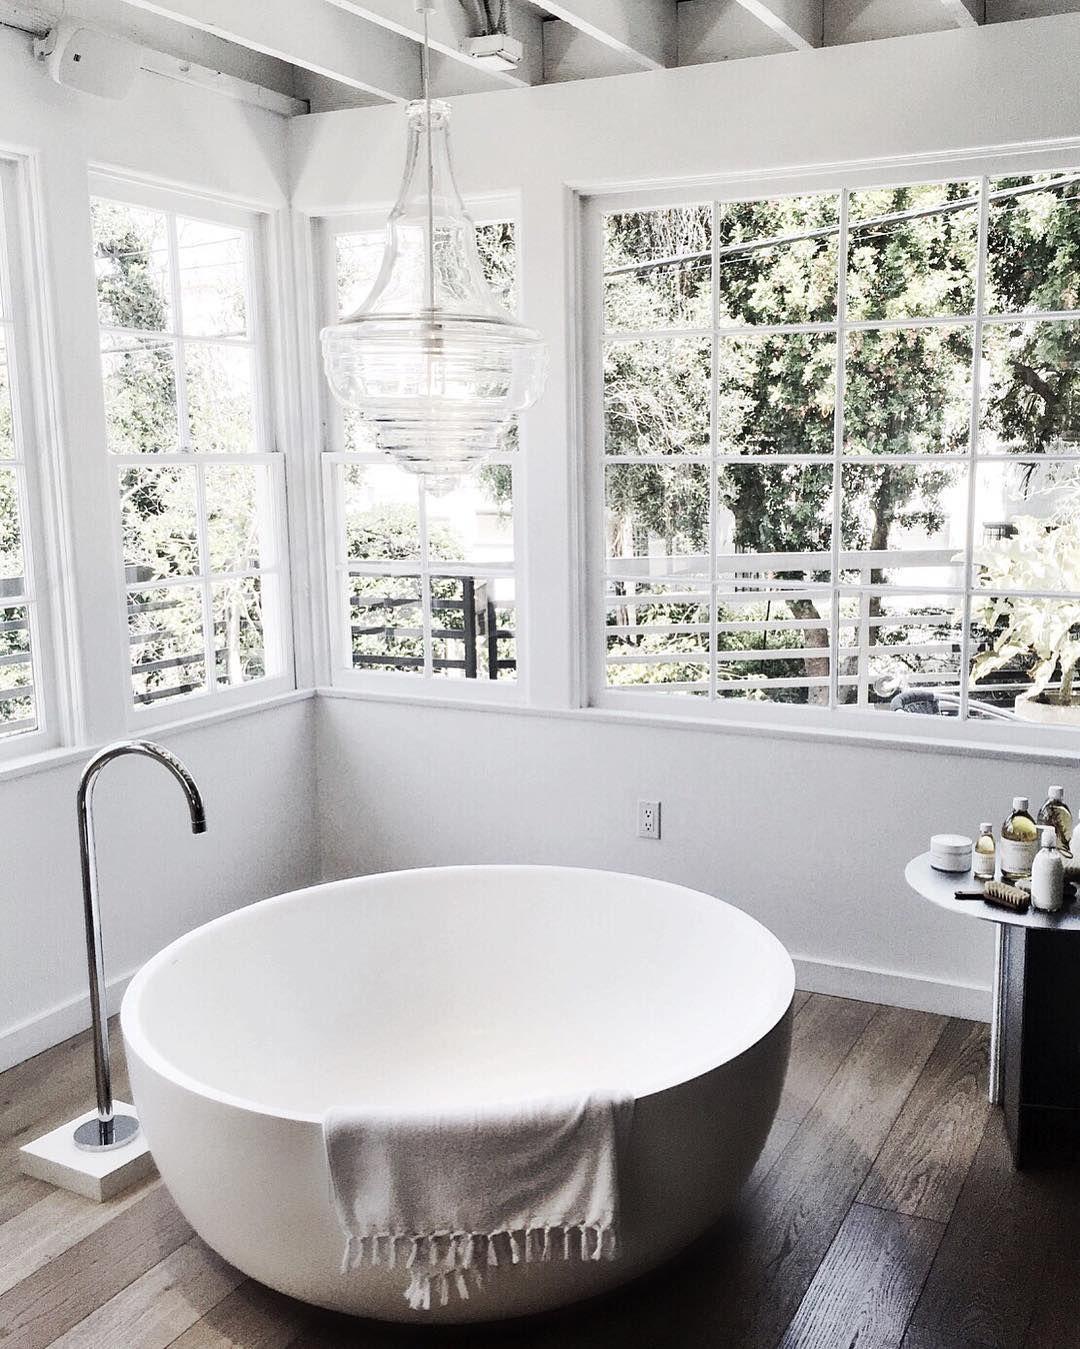 Badezimmer design natur inspiriert dream bath  home decor diy  pinterest  badezimmer haus und